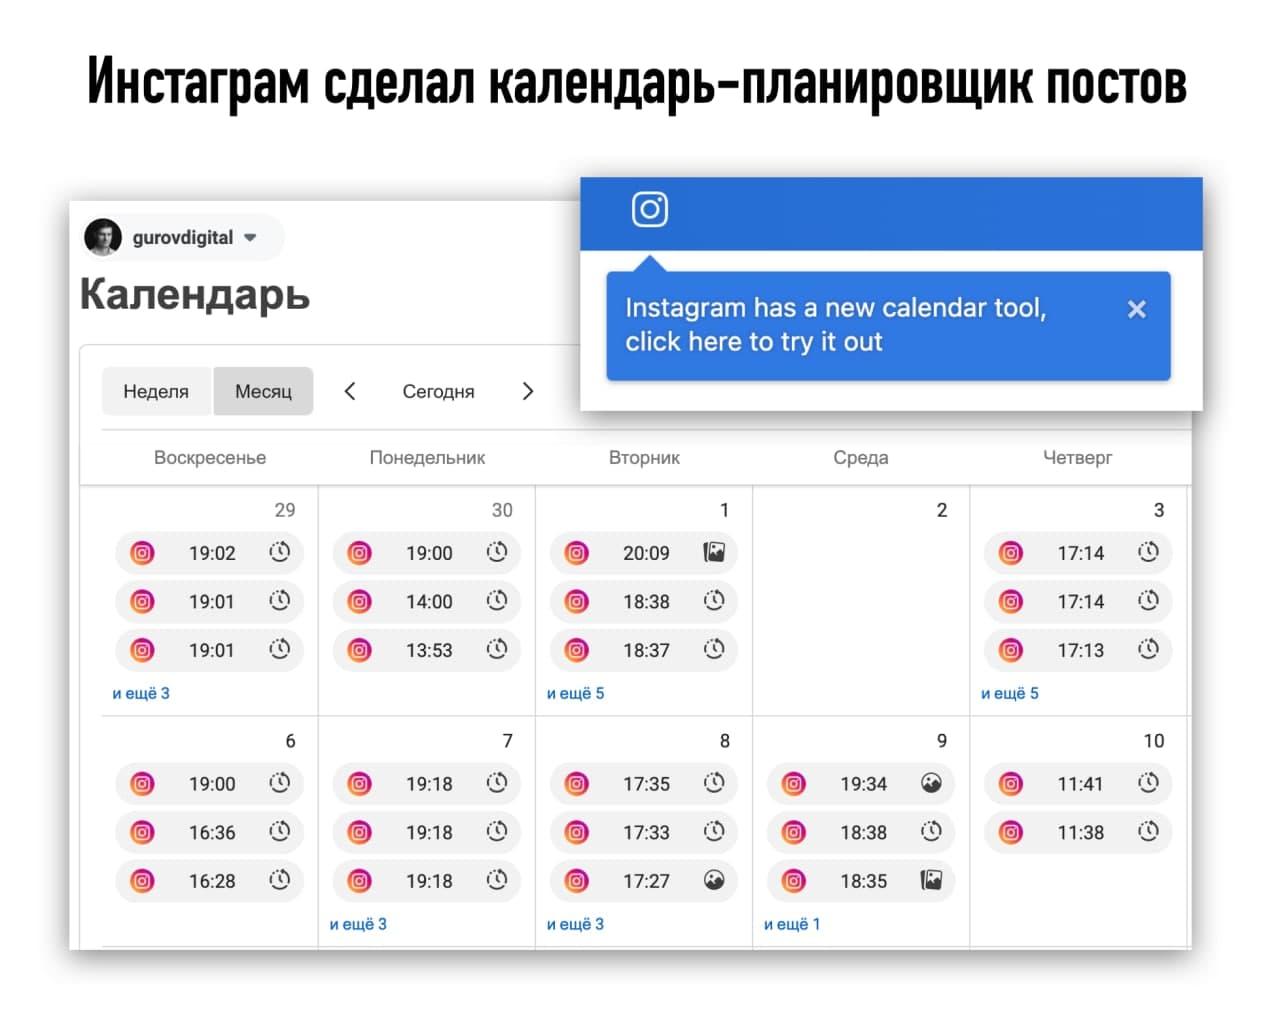 Календарь-планировщик в Instagram